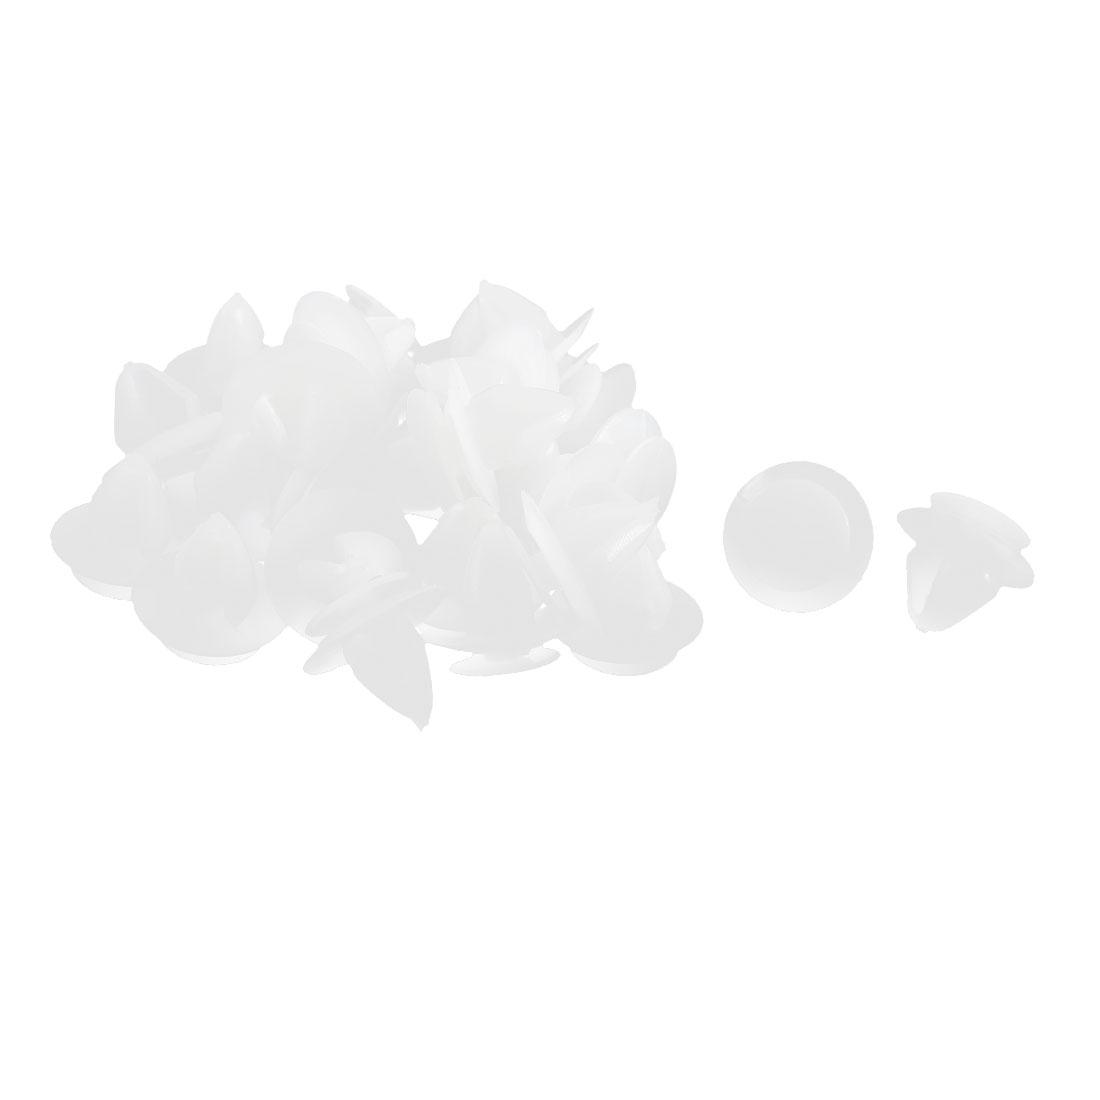 30 Pcs White Plastic Splash Guard Bumper Mat Clips 11mm x 12mm x 18mm